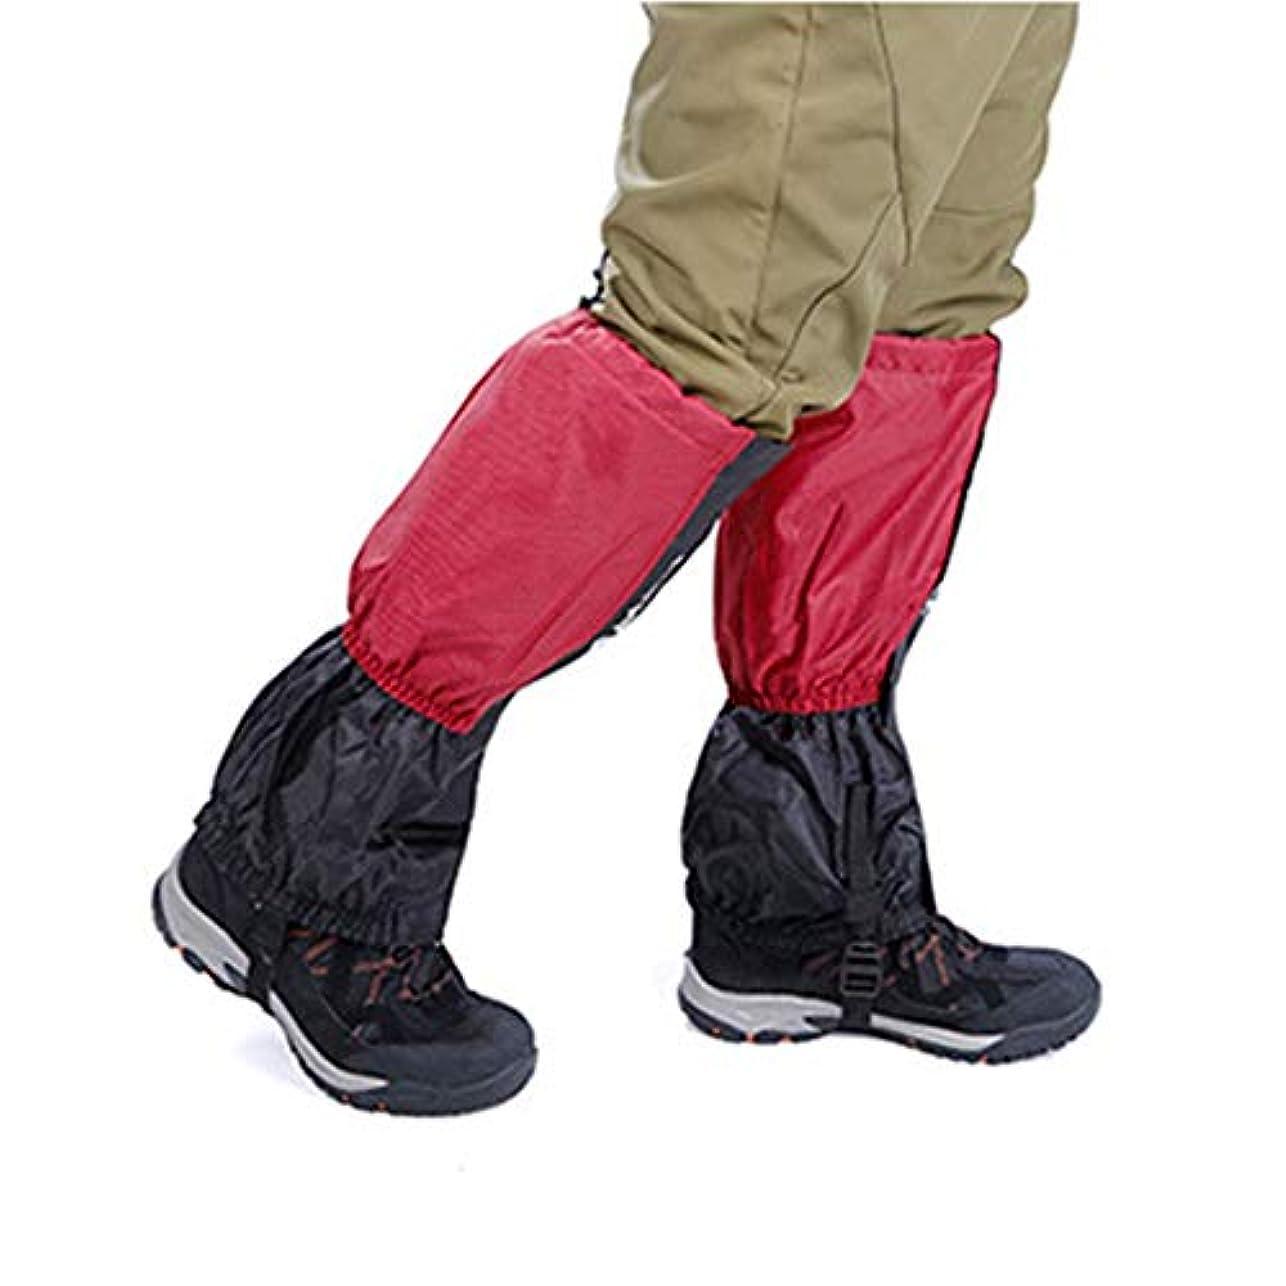 犬ボルト職業防水靴カバー 防水ハイキングゲイター耐久性のあるレギンスゲイター通気性の高いレッグカバーラップ用男性女性子供用マウンテントレッキングスキーウォーキング登山狩猟 - 1ペア防水靴カバー (色 : 赤, サイズ : Thin)